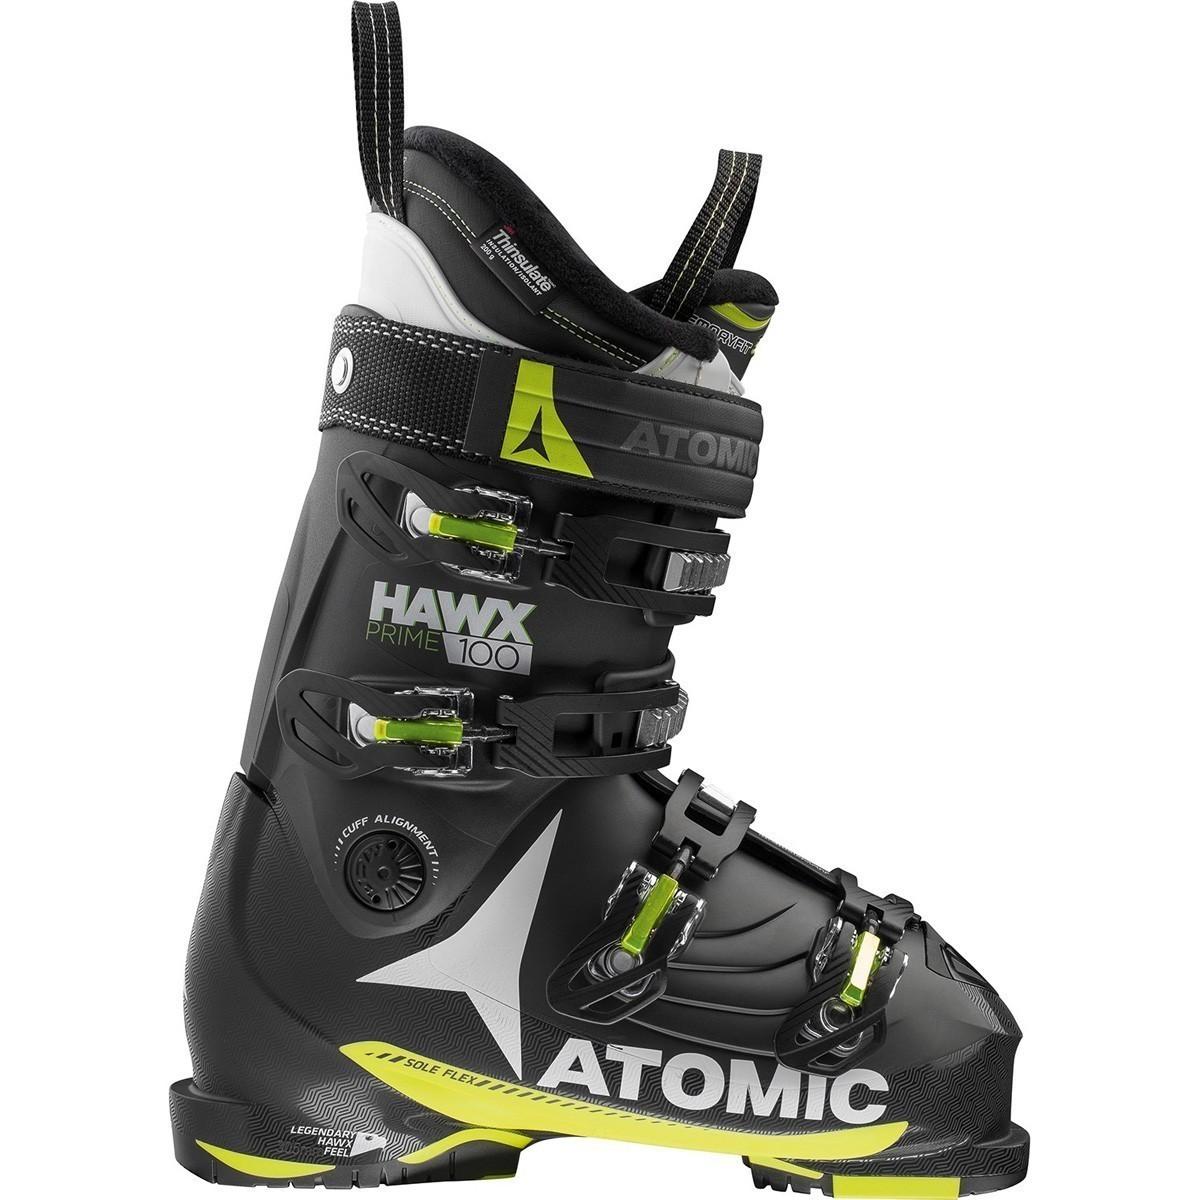 6077c78211cc Горнолыжные ботинки ATOMIC HAWX PRIME 100 FW18 купить в Москве,  Санкт-Петербурге. Горнолыжные ботинки ATOMIC HAWX PRIME 100 FW18 цена,  отзывы, ...